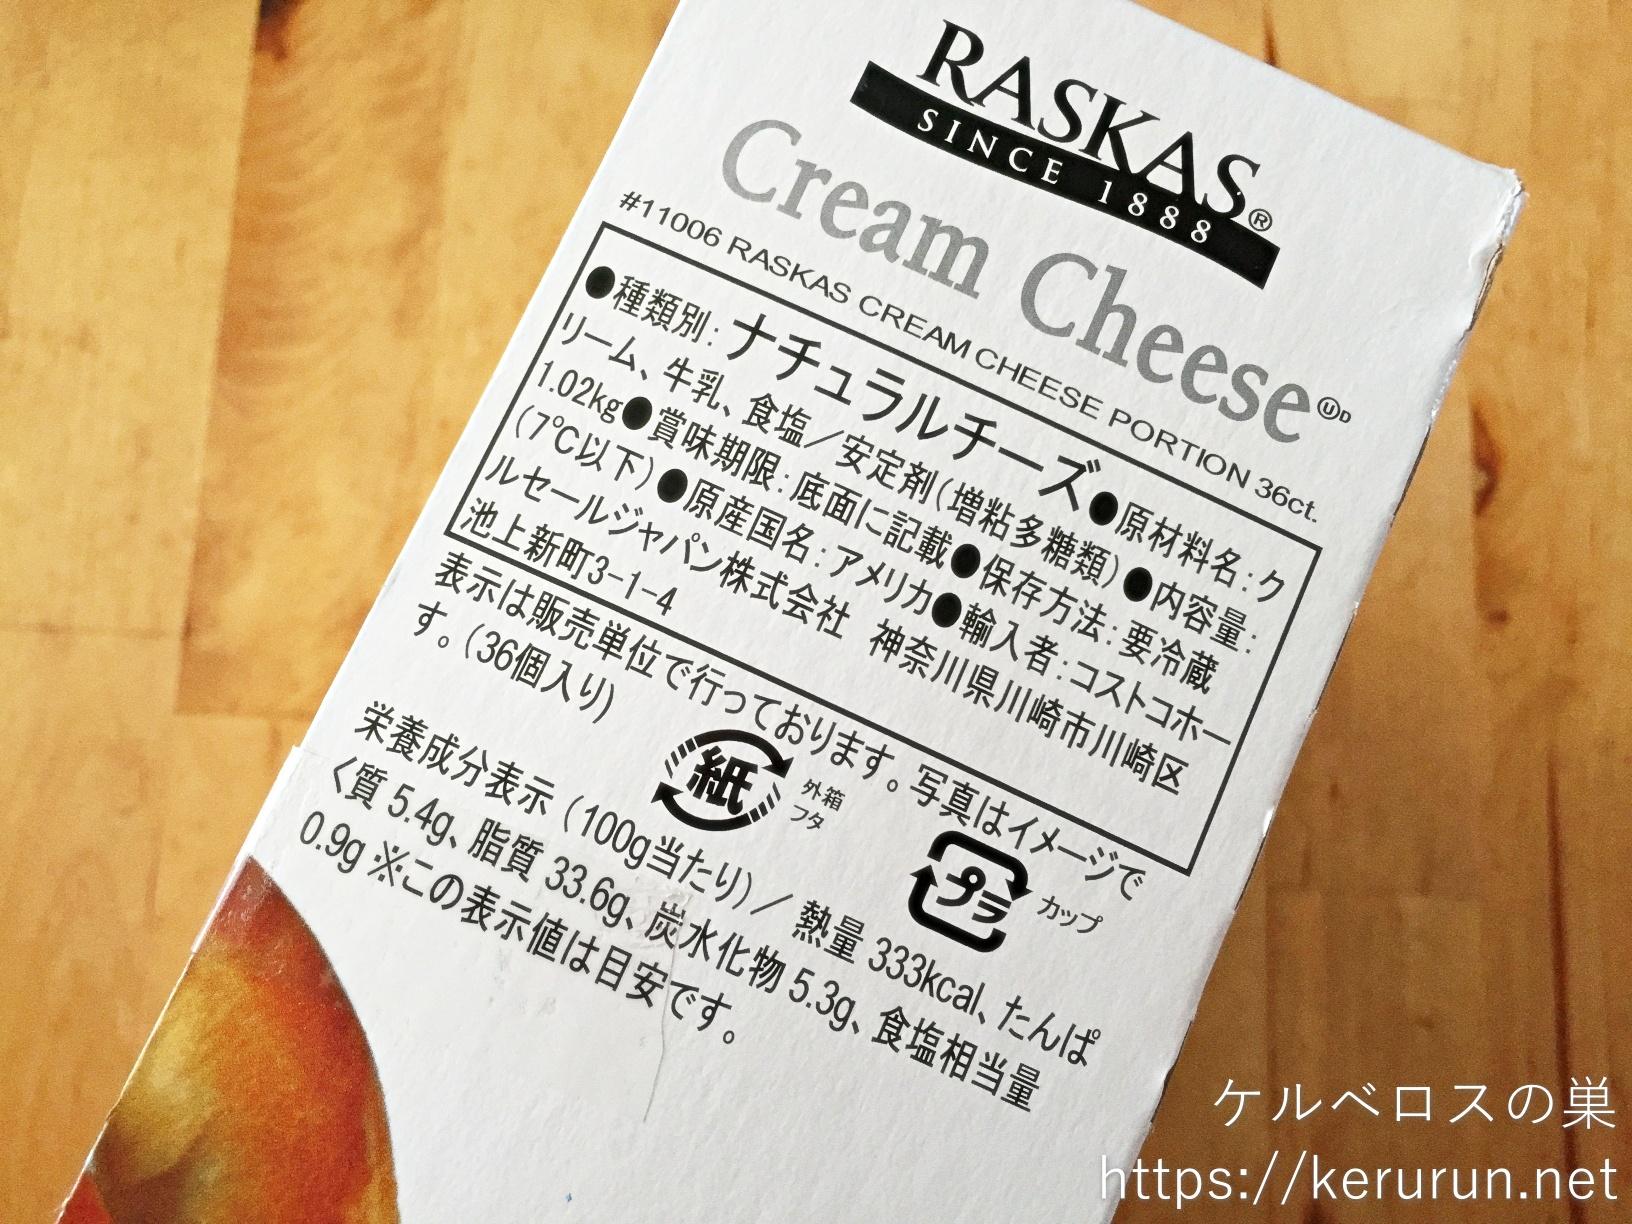 【コストコ】ラスカス クリームチーズポーション